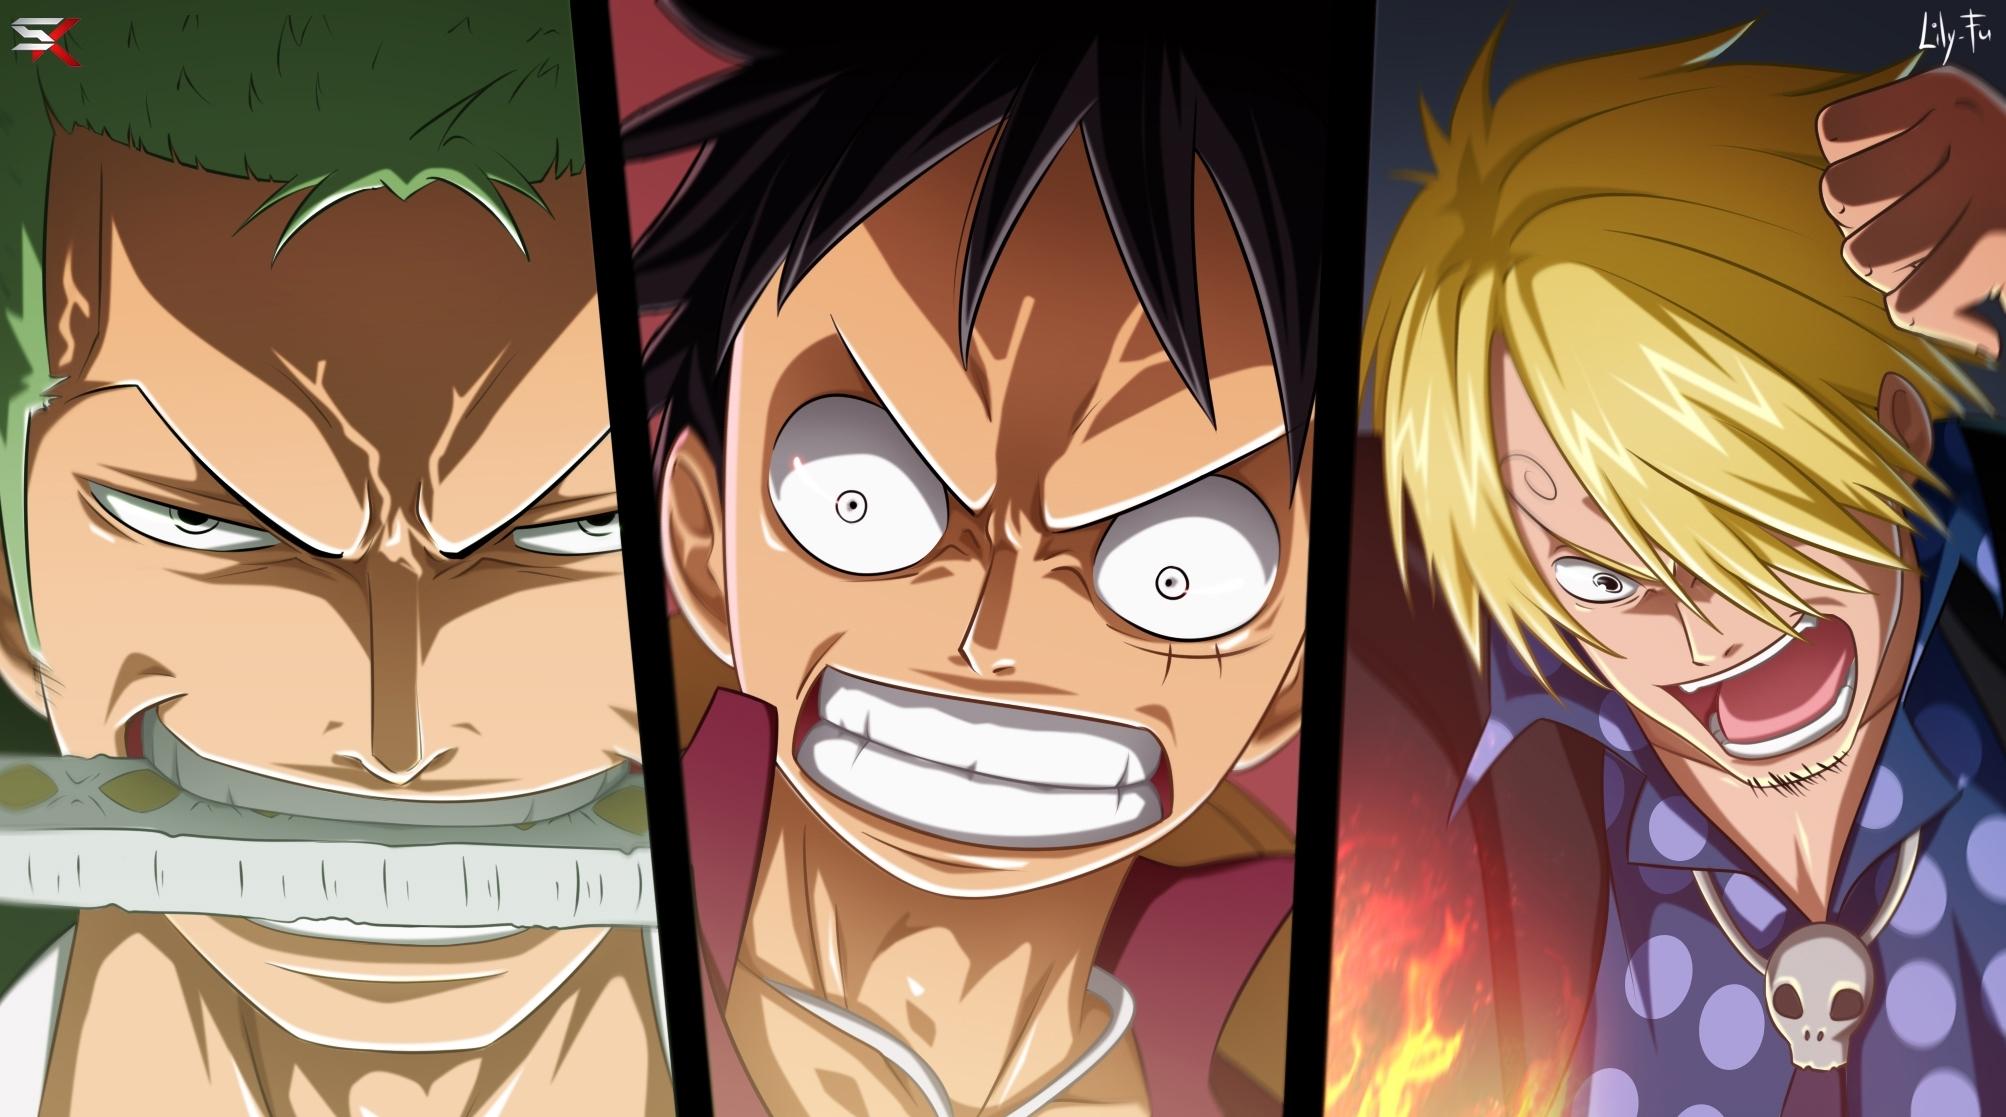 Title 213 Sanji One Piece Fonds Damp039ecran Hd